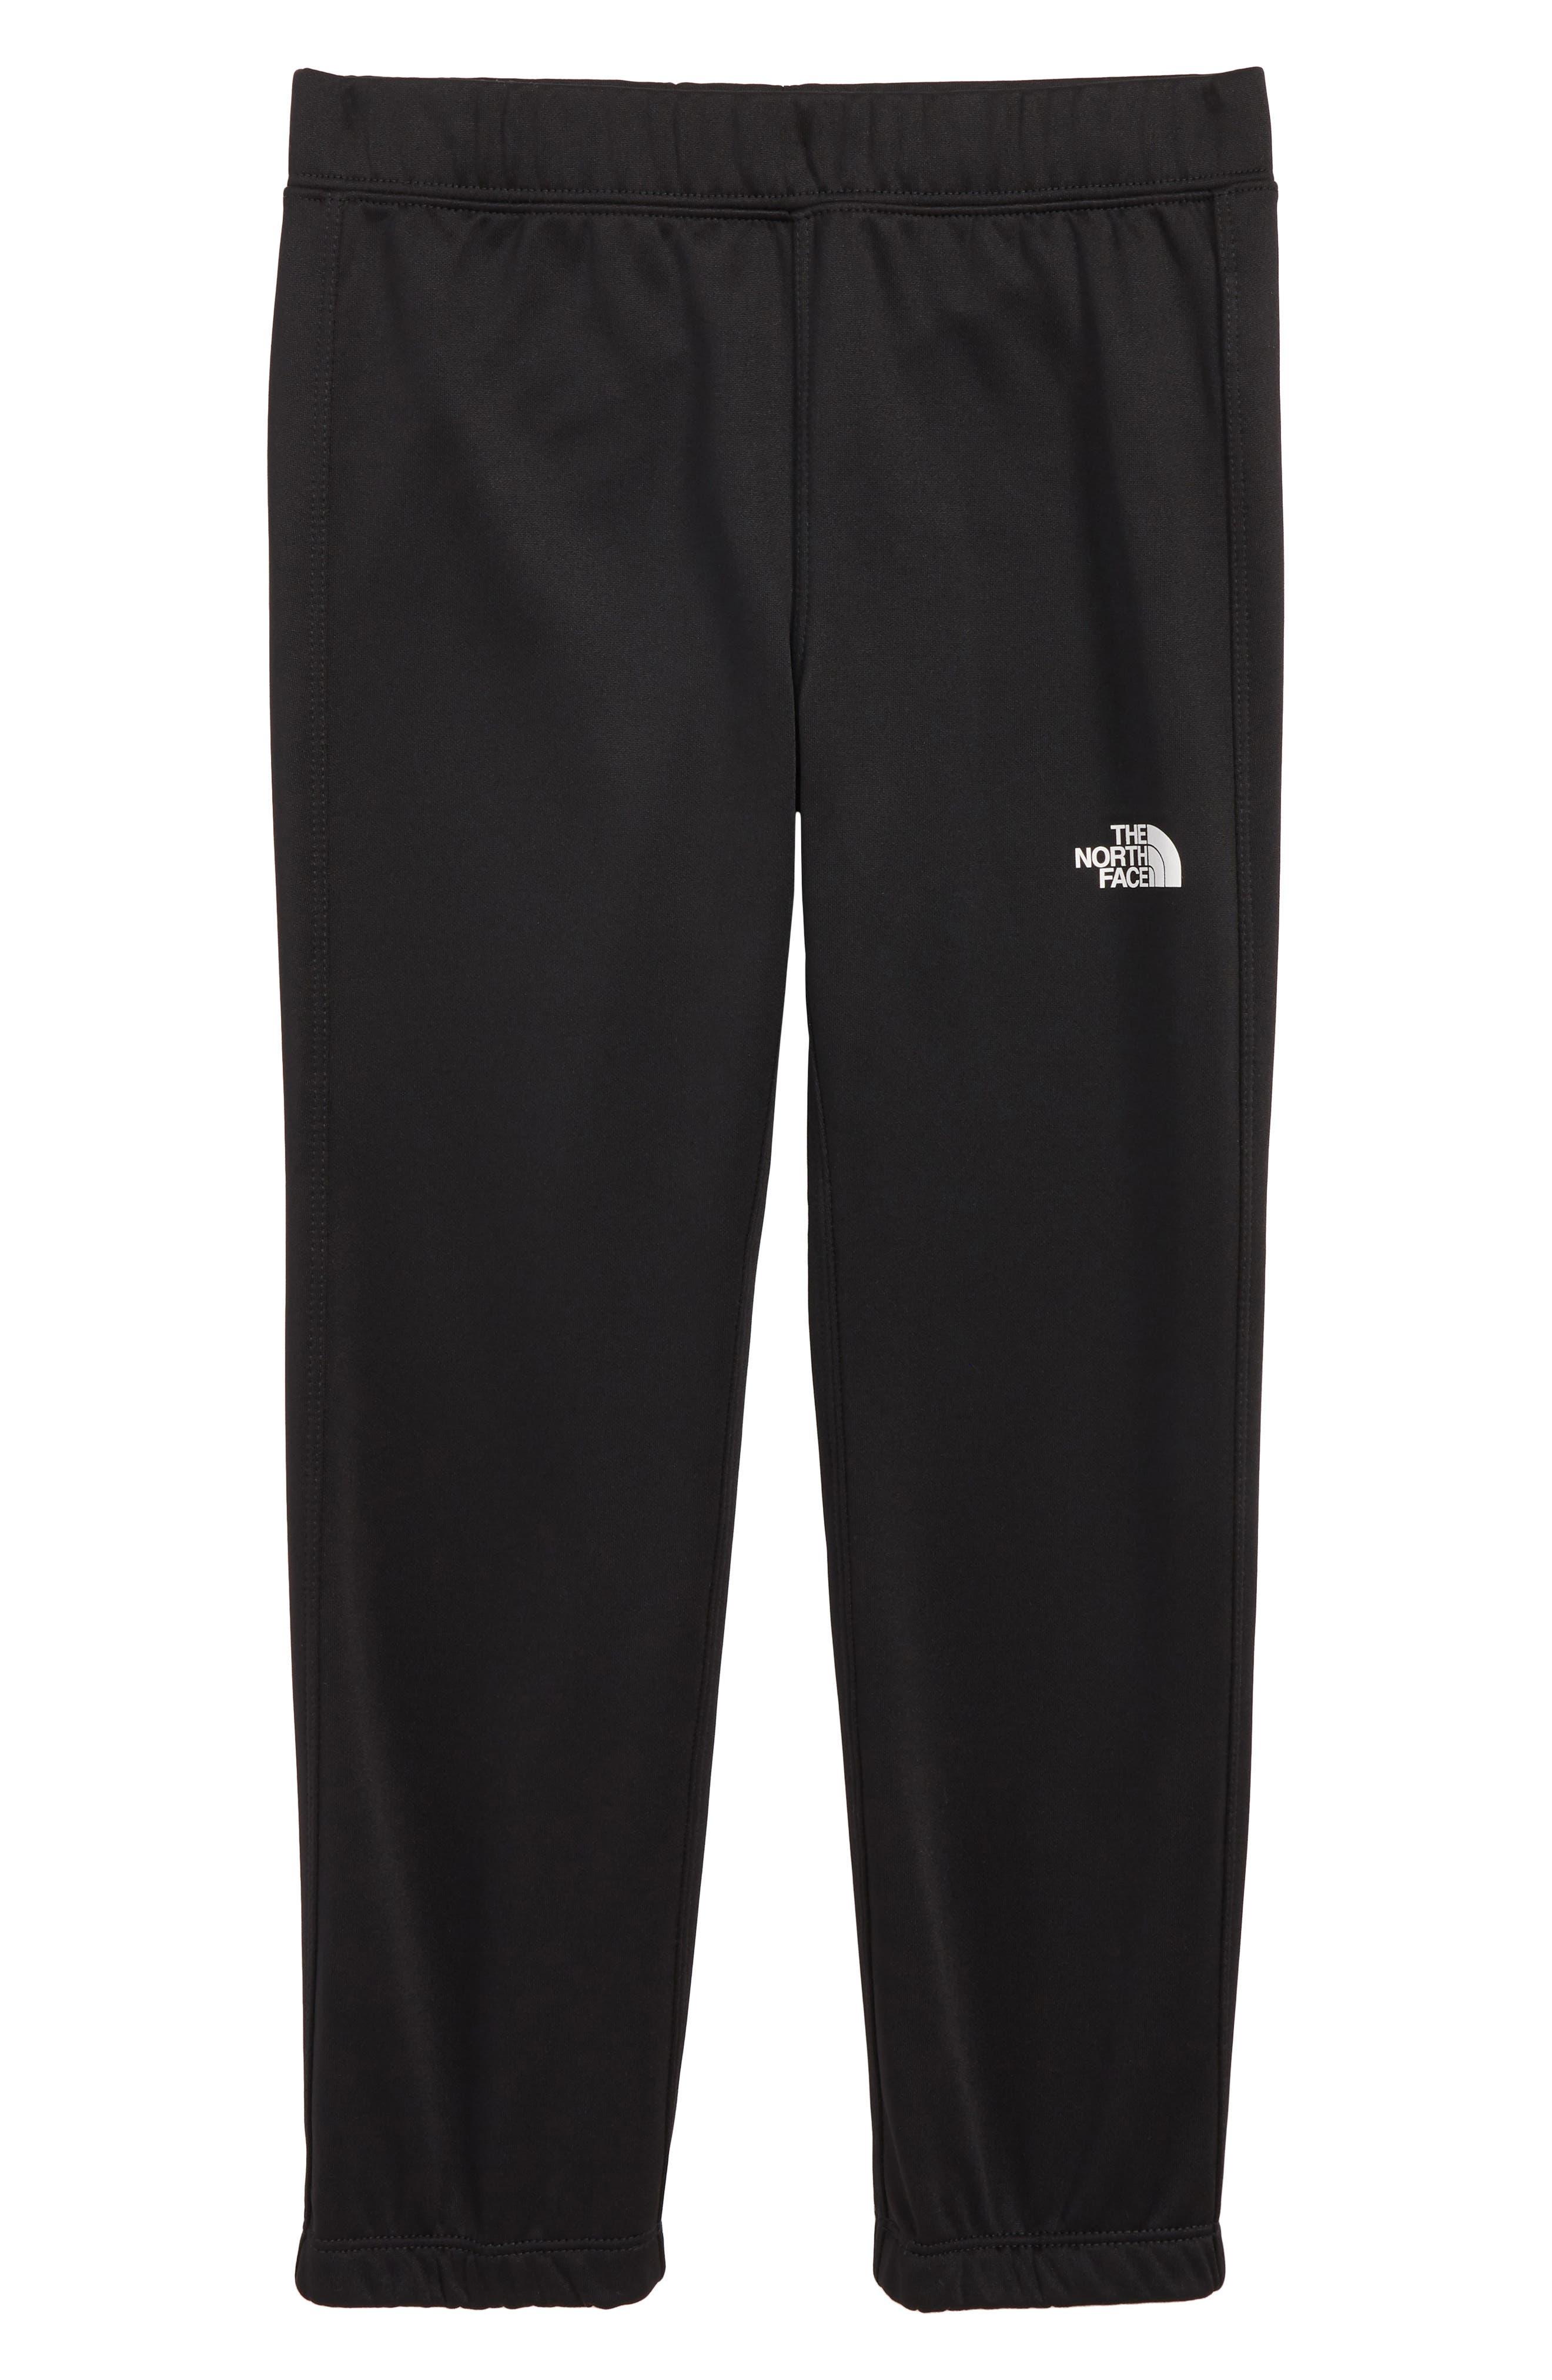 Surgent Sweatpants,                         Main,                         color, TNF BLACK